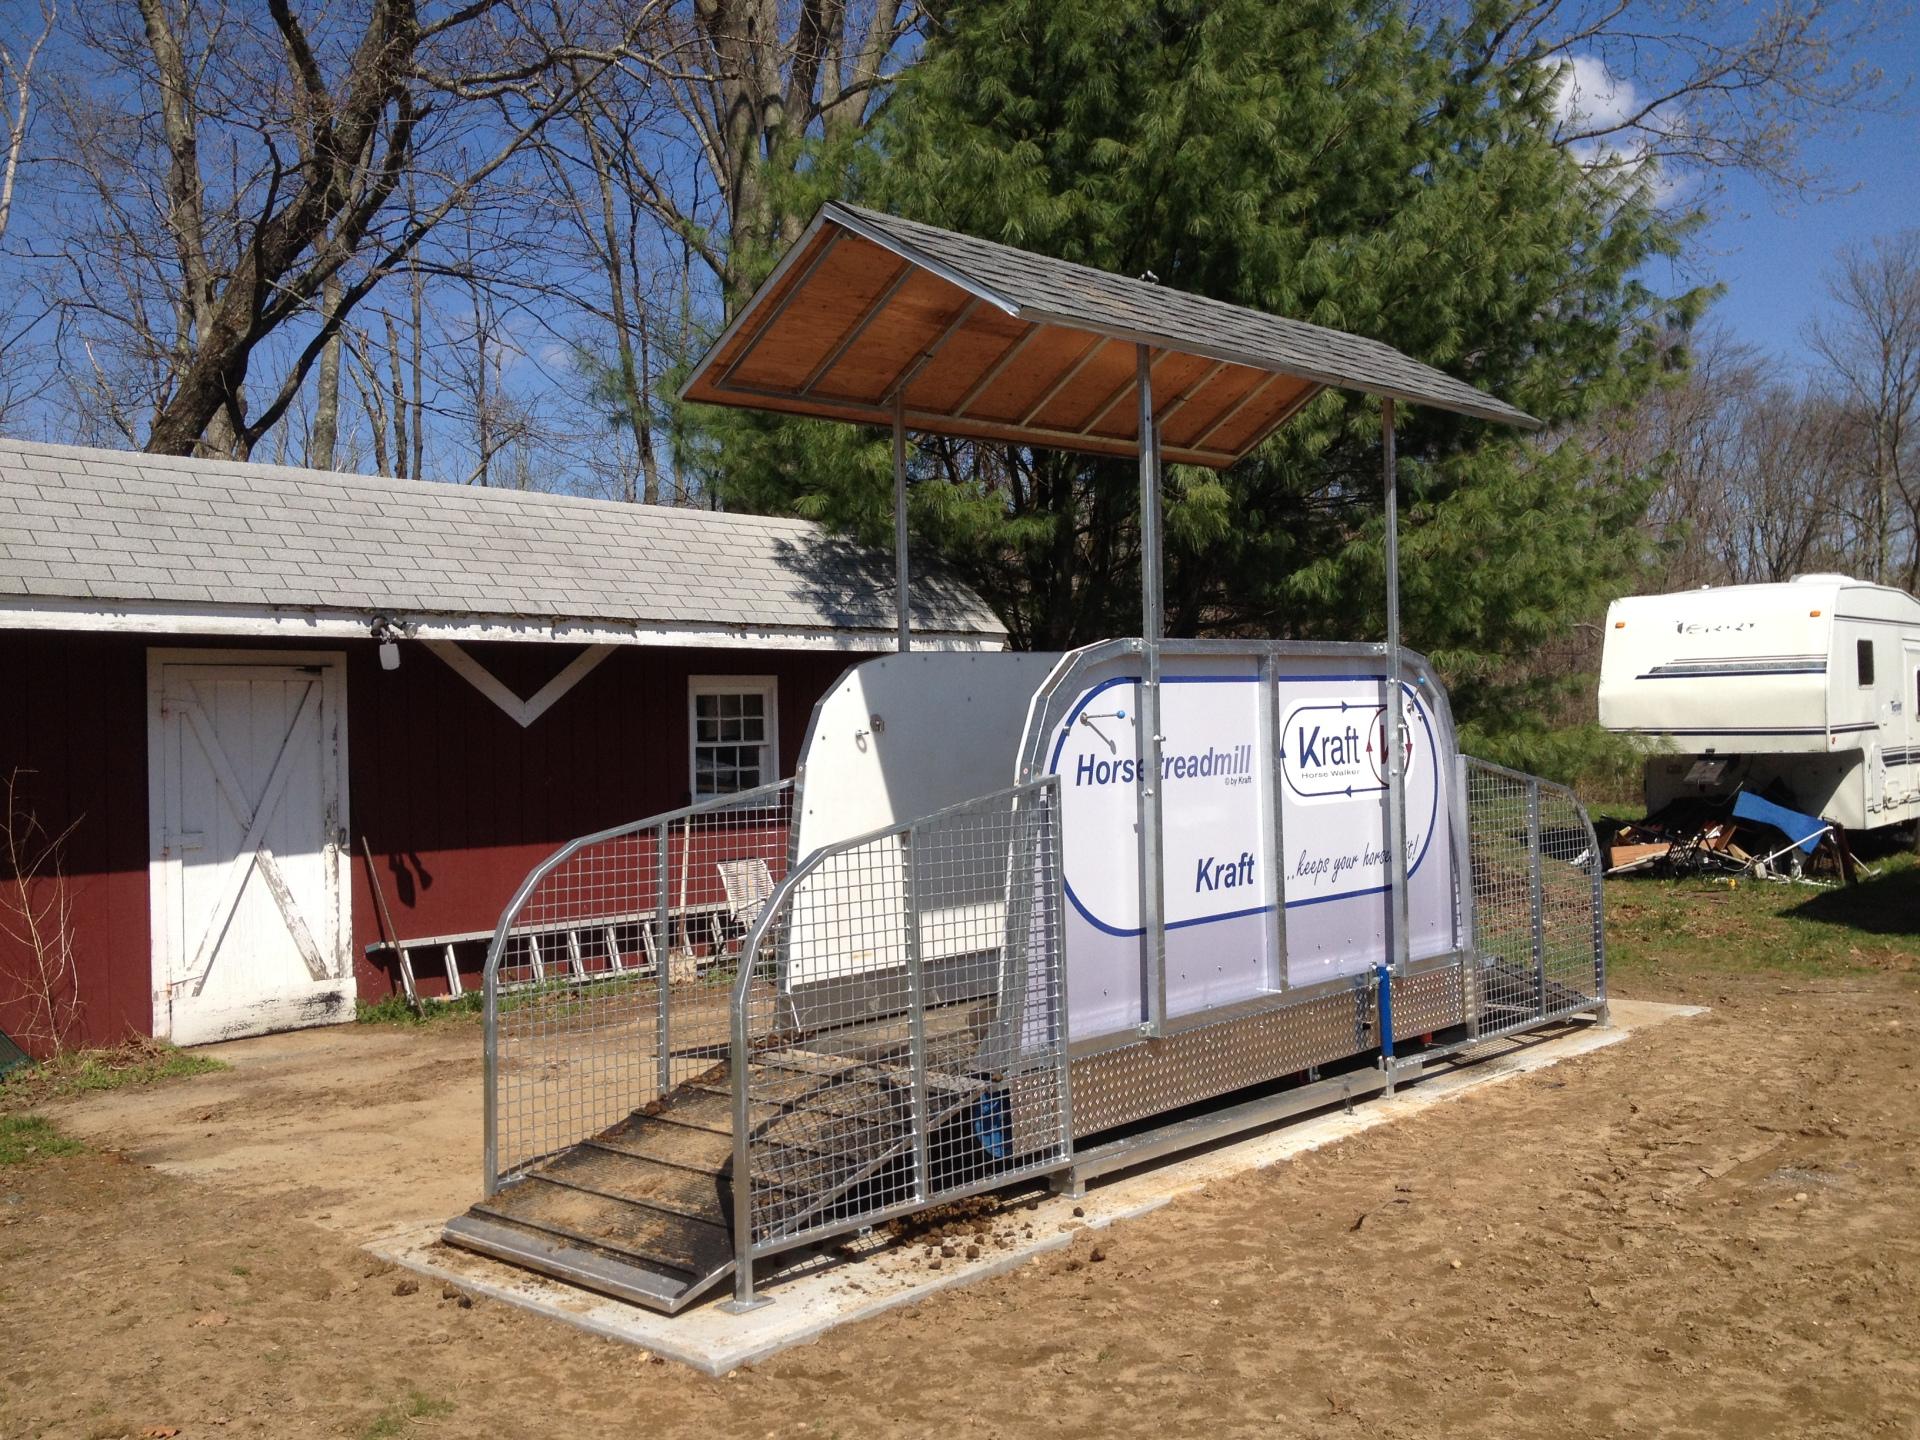 horse treadmill Limelight Farm, NY